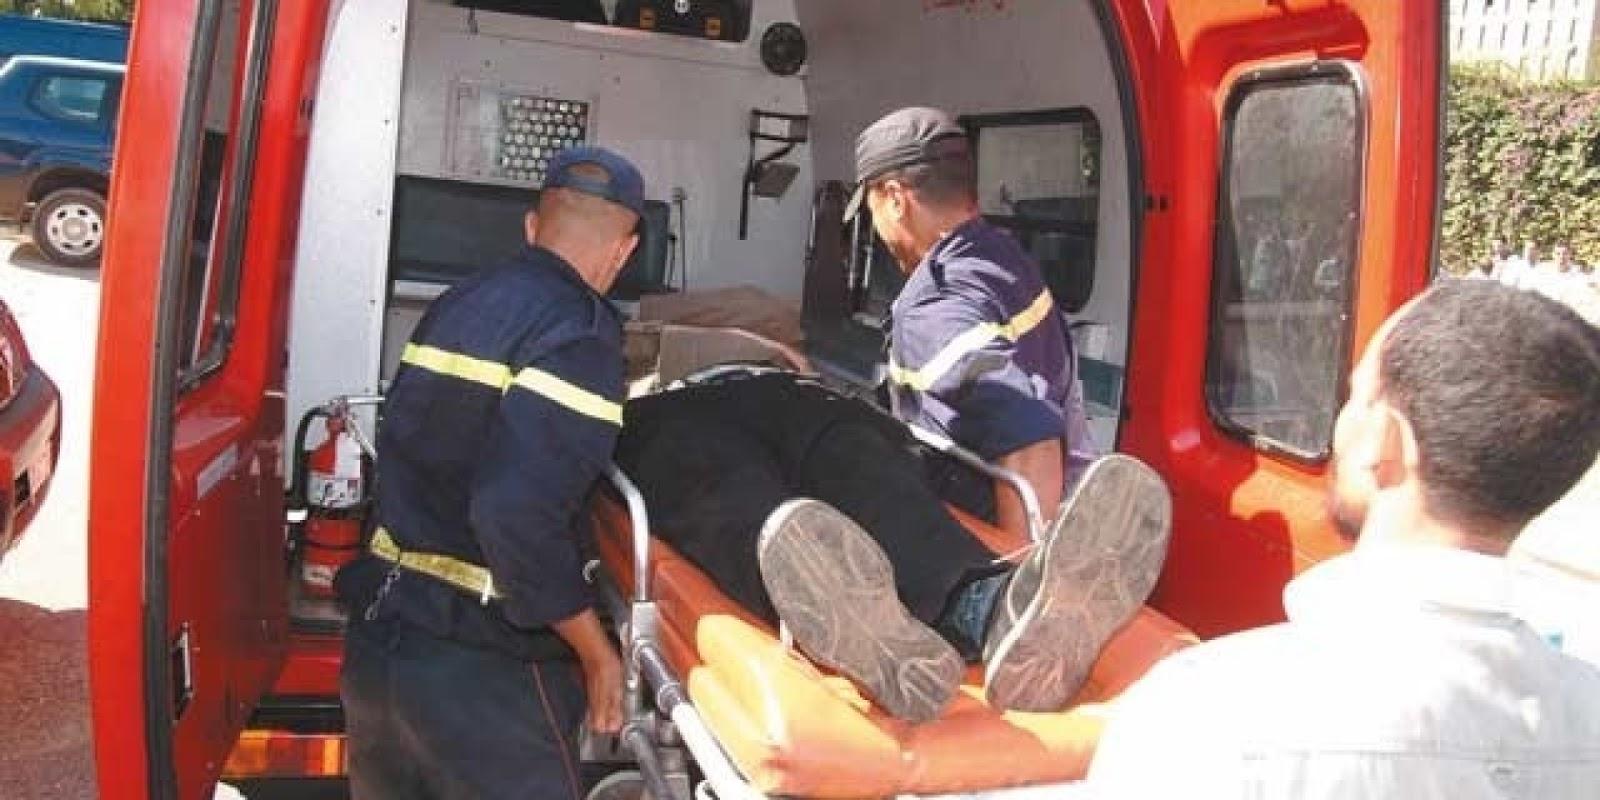 Evacuation - RMO Nettoyage - Comment gérer un accident du travail au maroc